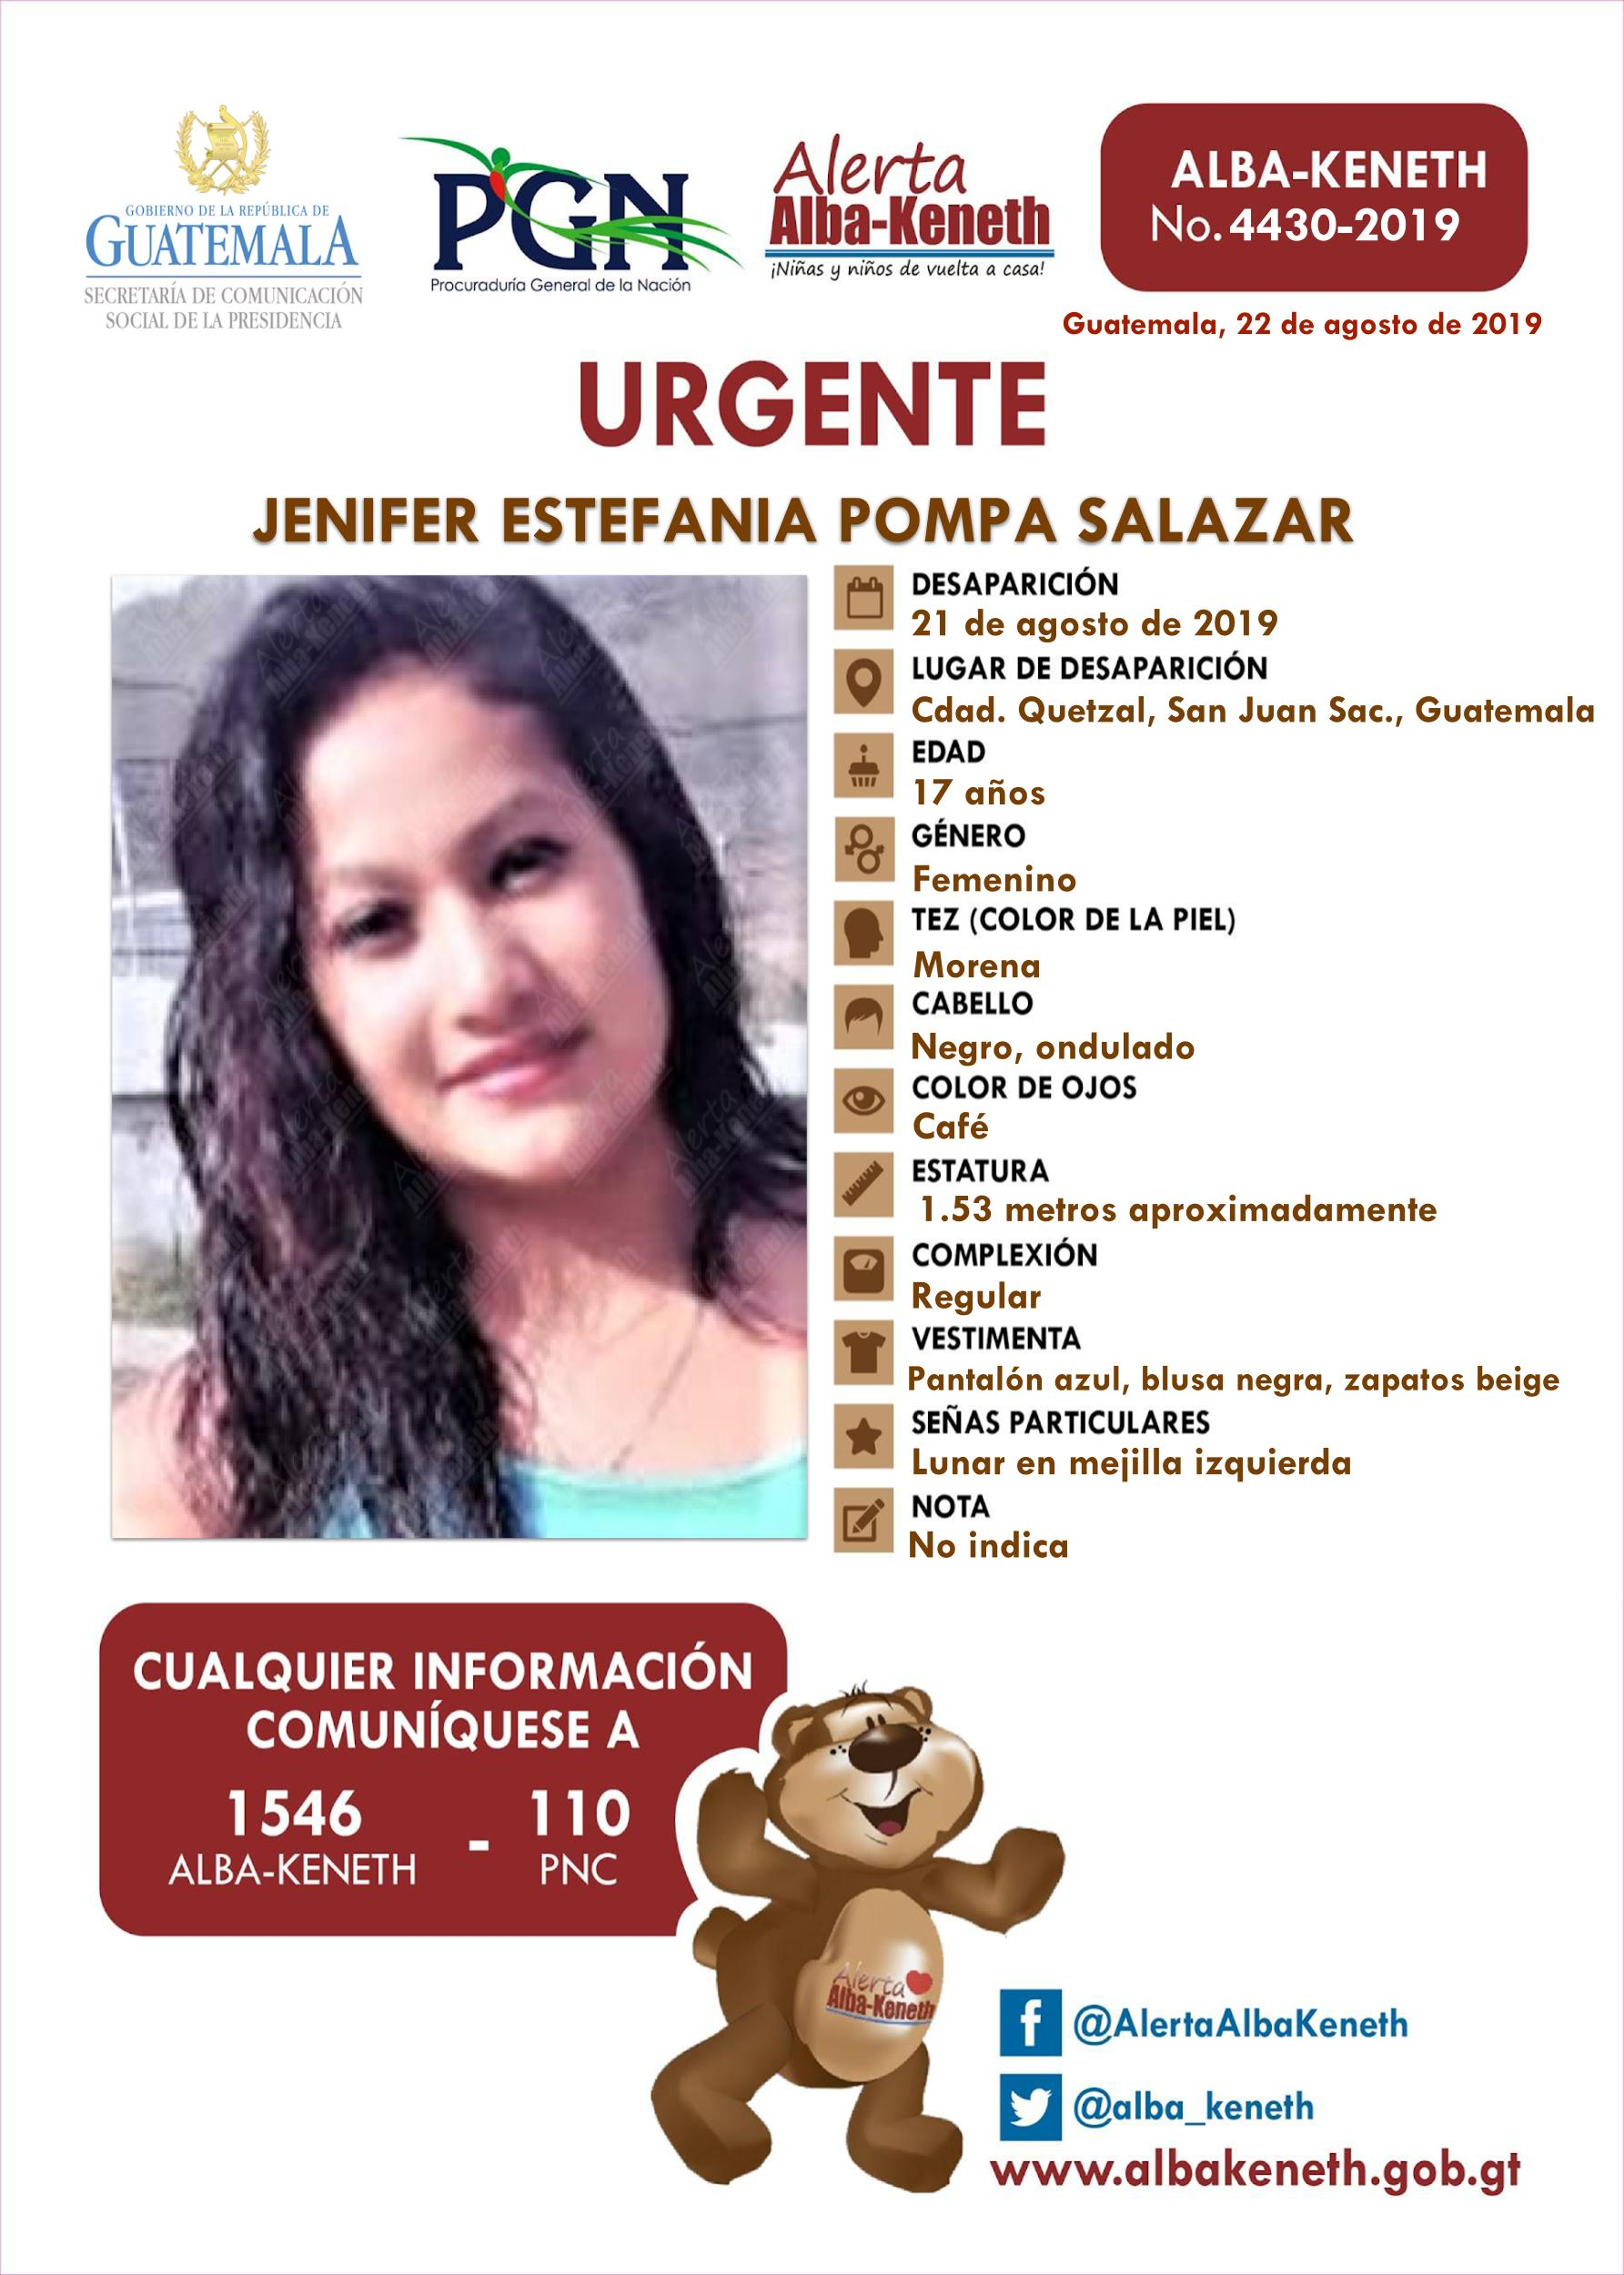 Jenifer Estefania Pompa Salazar